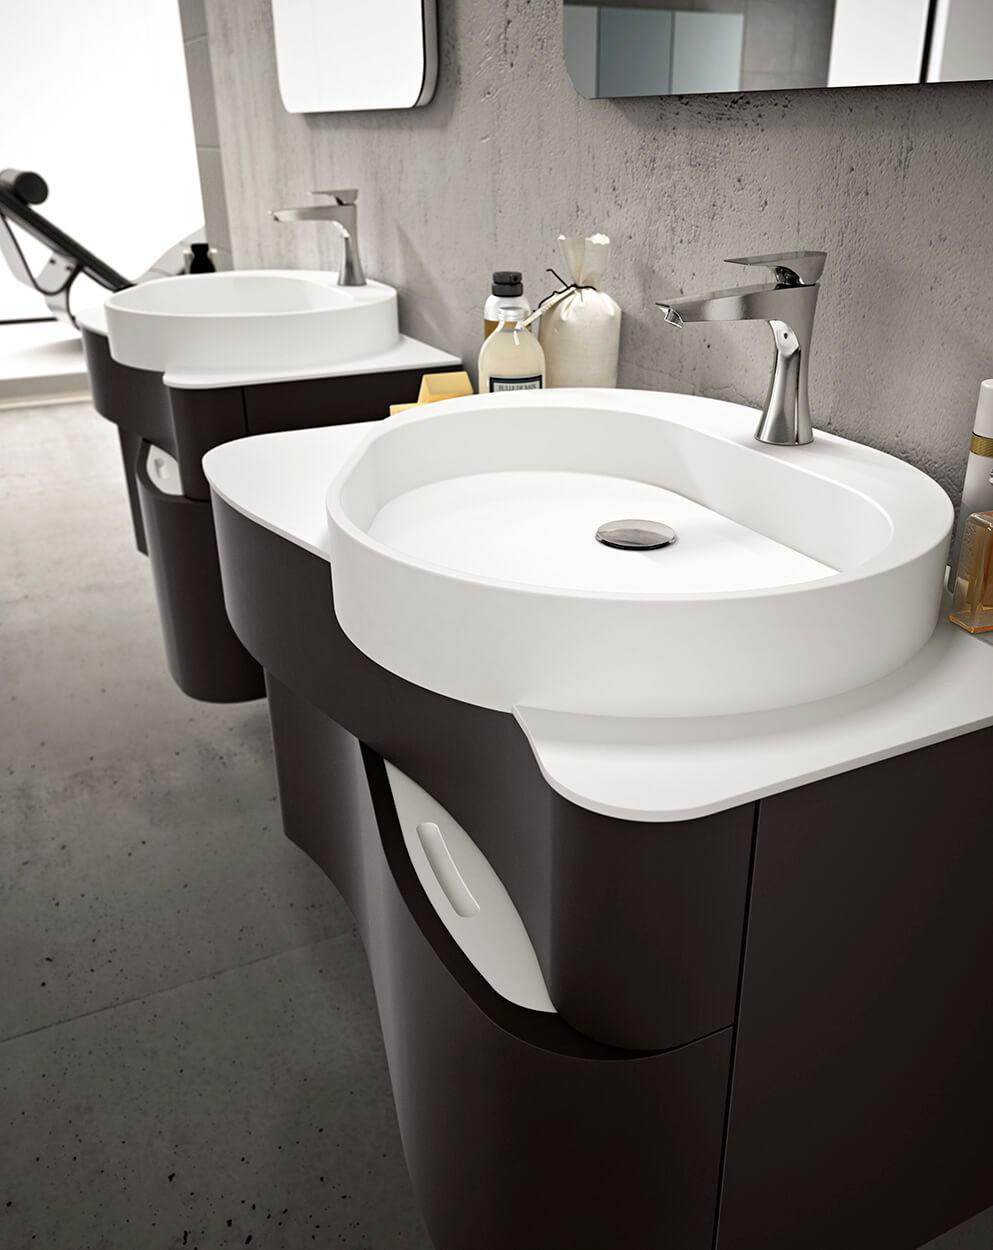 Salle De Bain Carreaux De Ciment Noir Et Blanc ~ Comment Bien Choisir Sa Robinetterie De Salle De Bain En Promo Ou